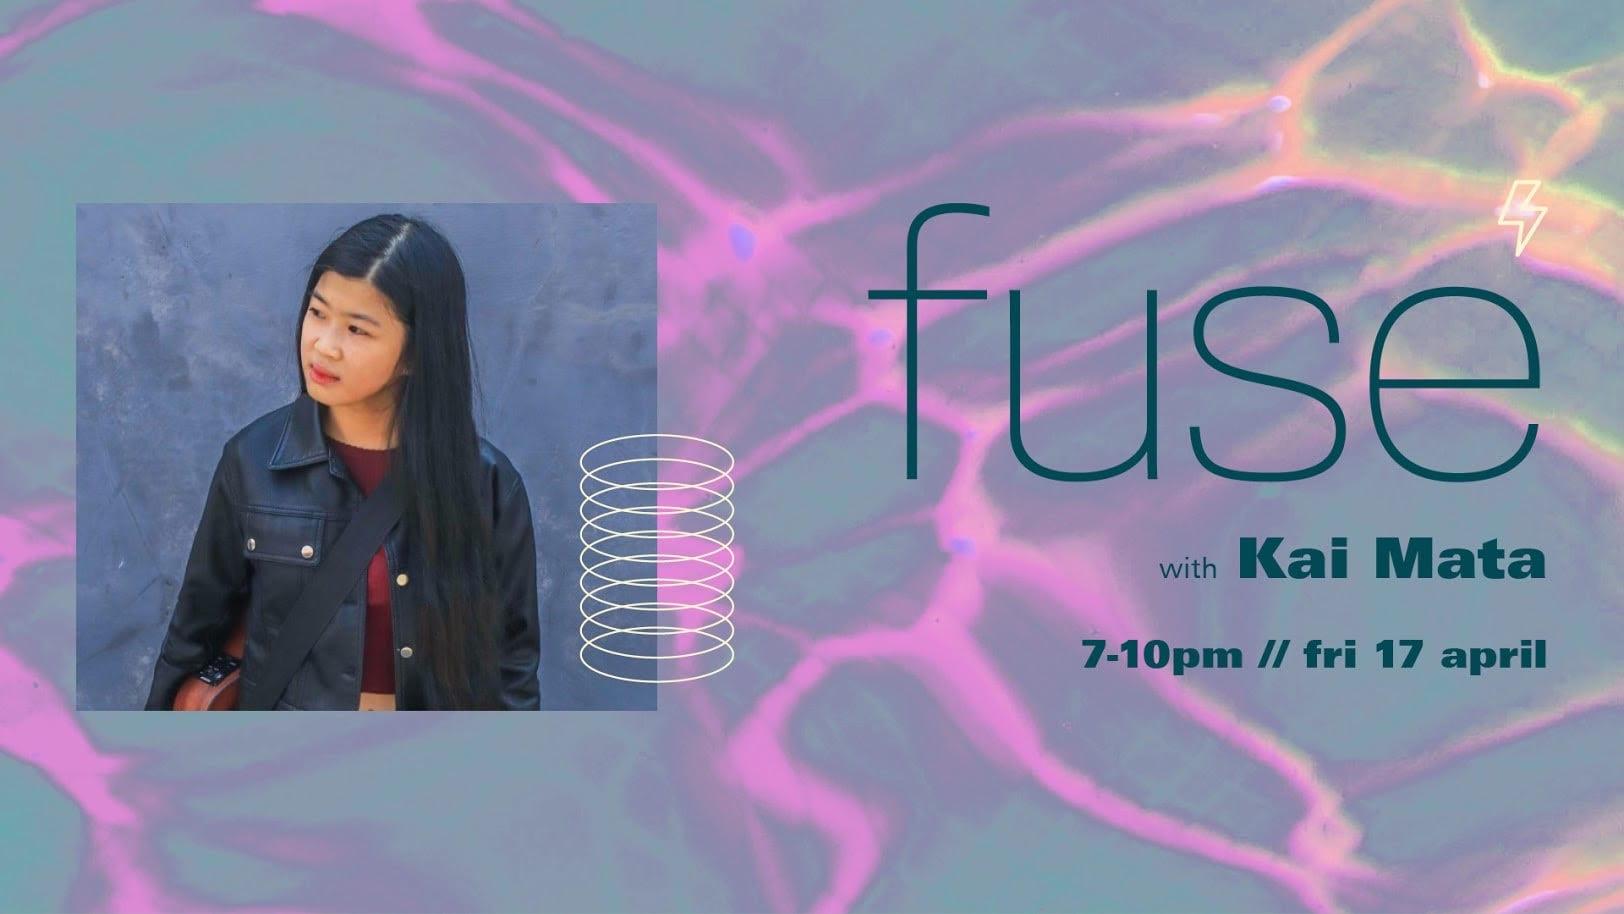 FUSE featuring Kai Mata